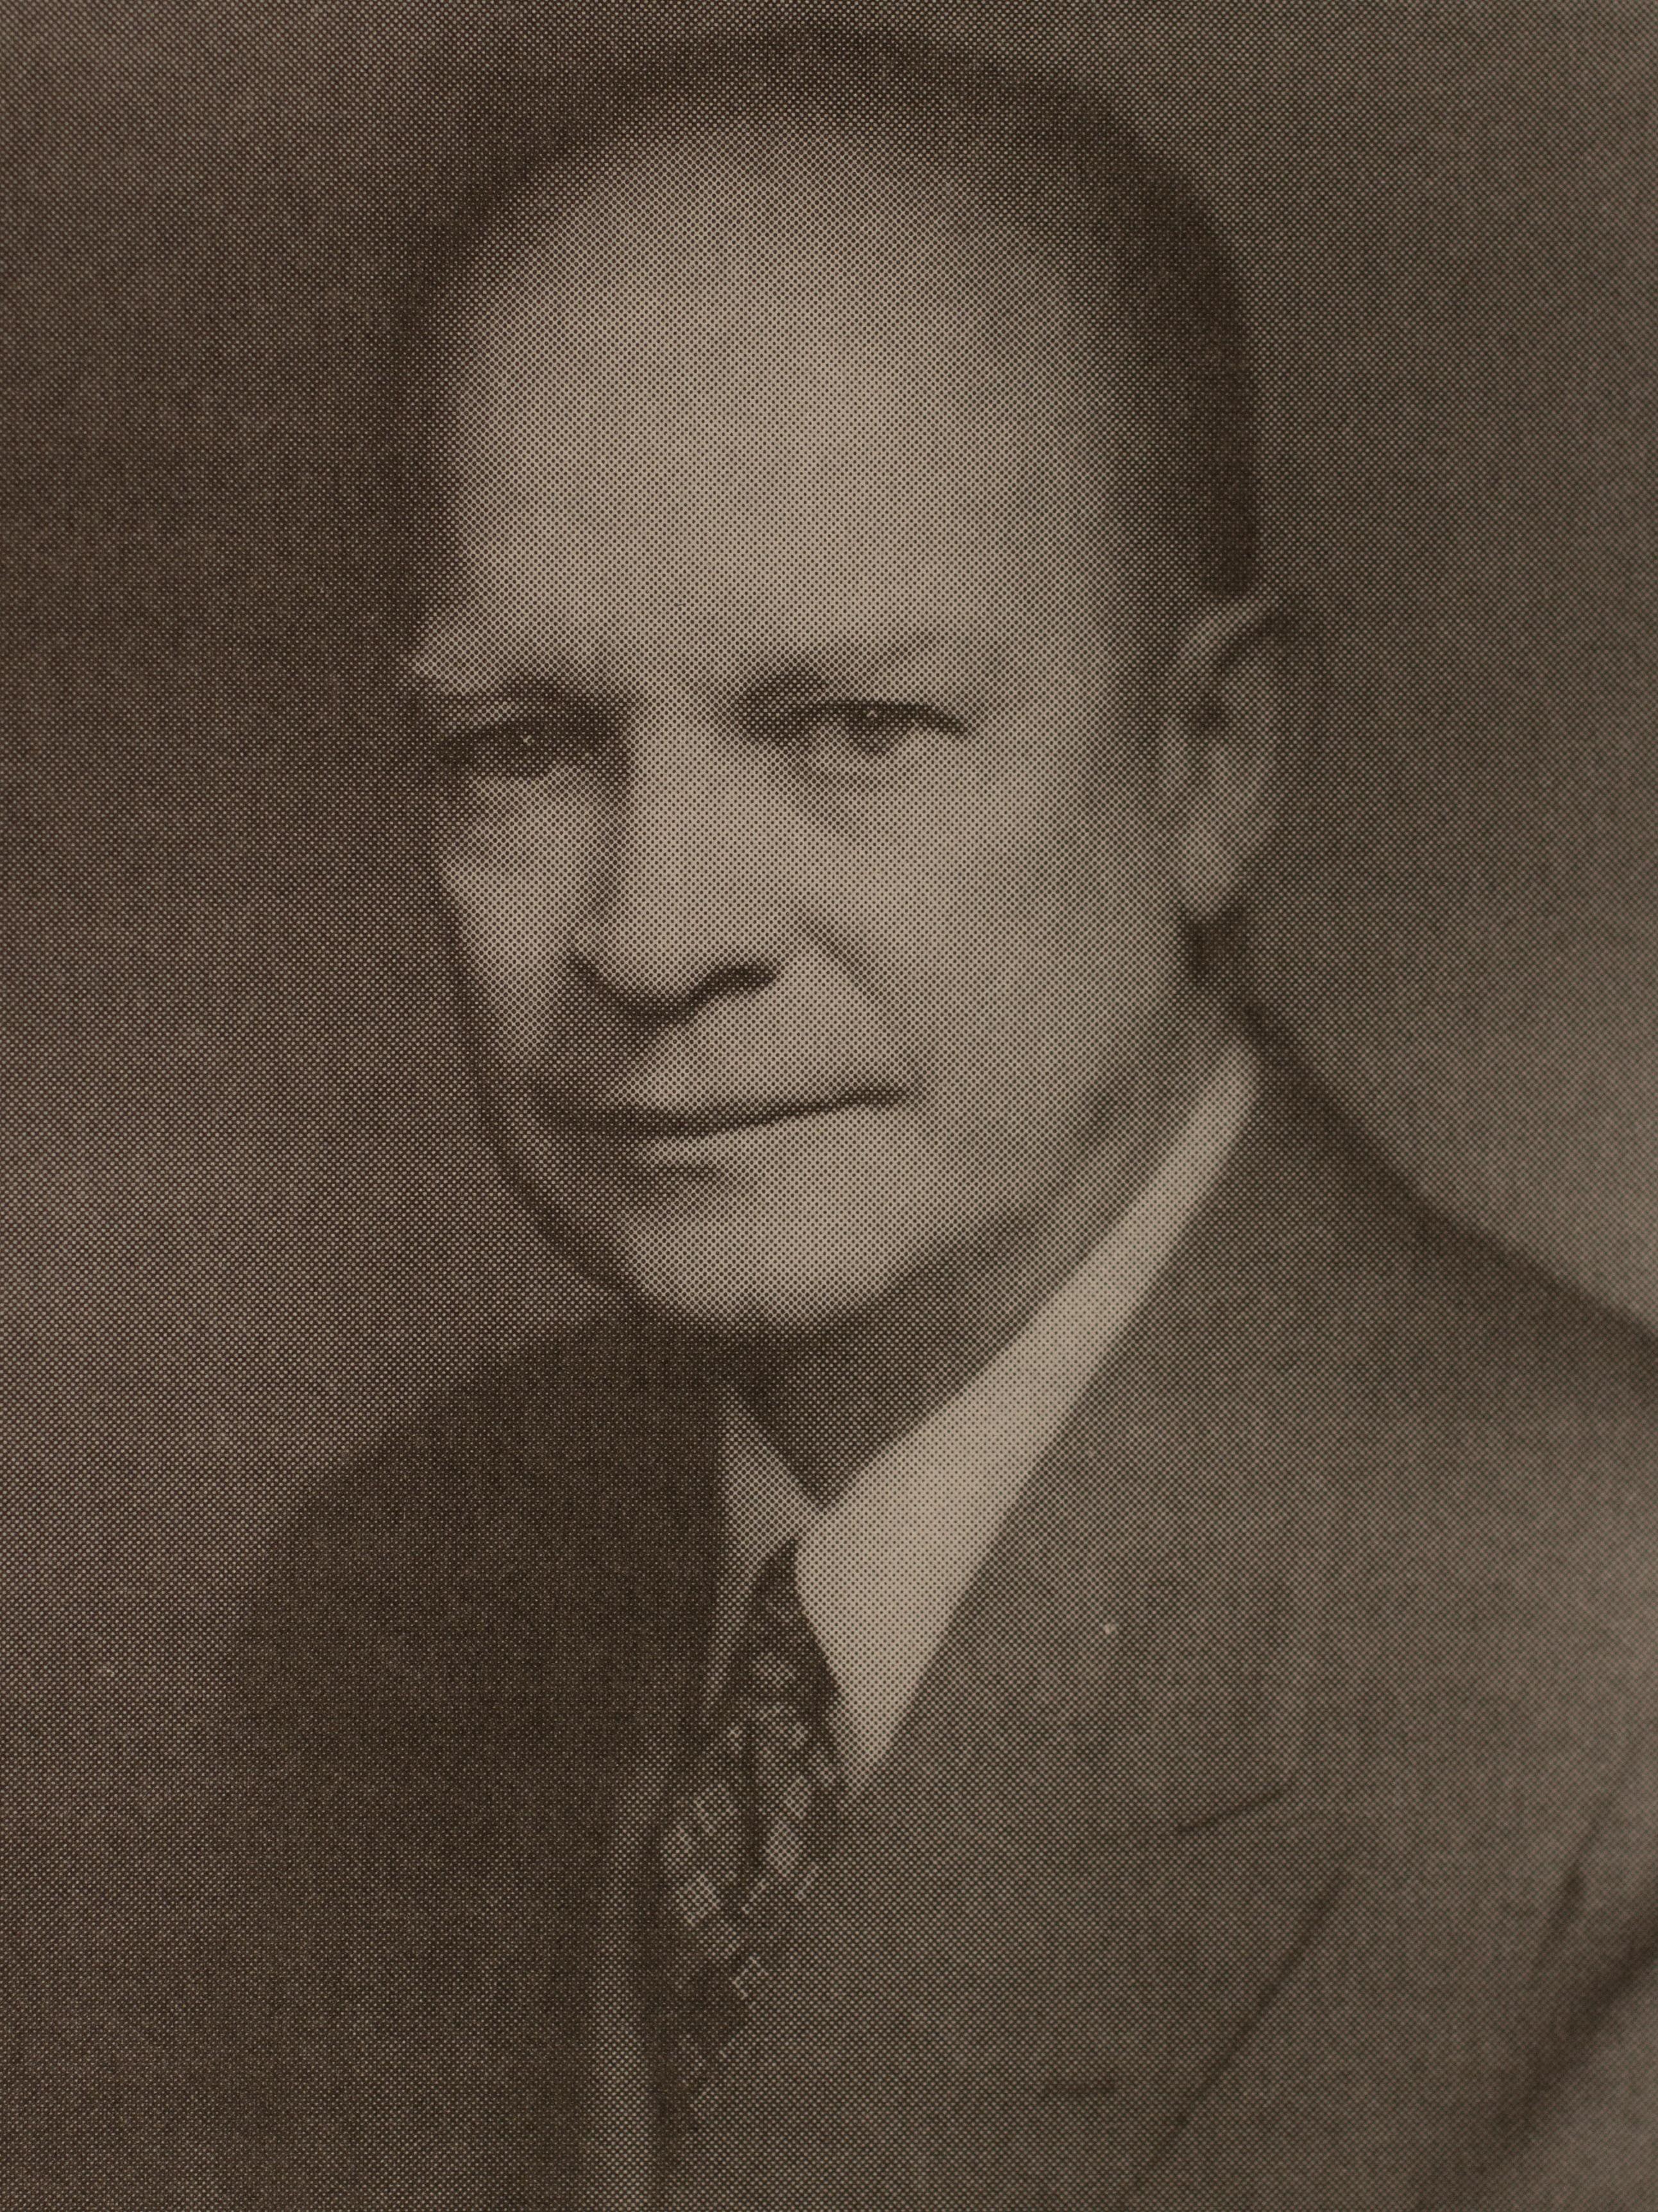 Photograph of President Eisenhower